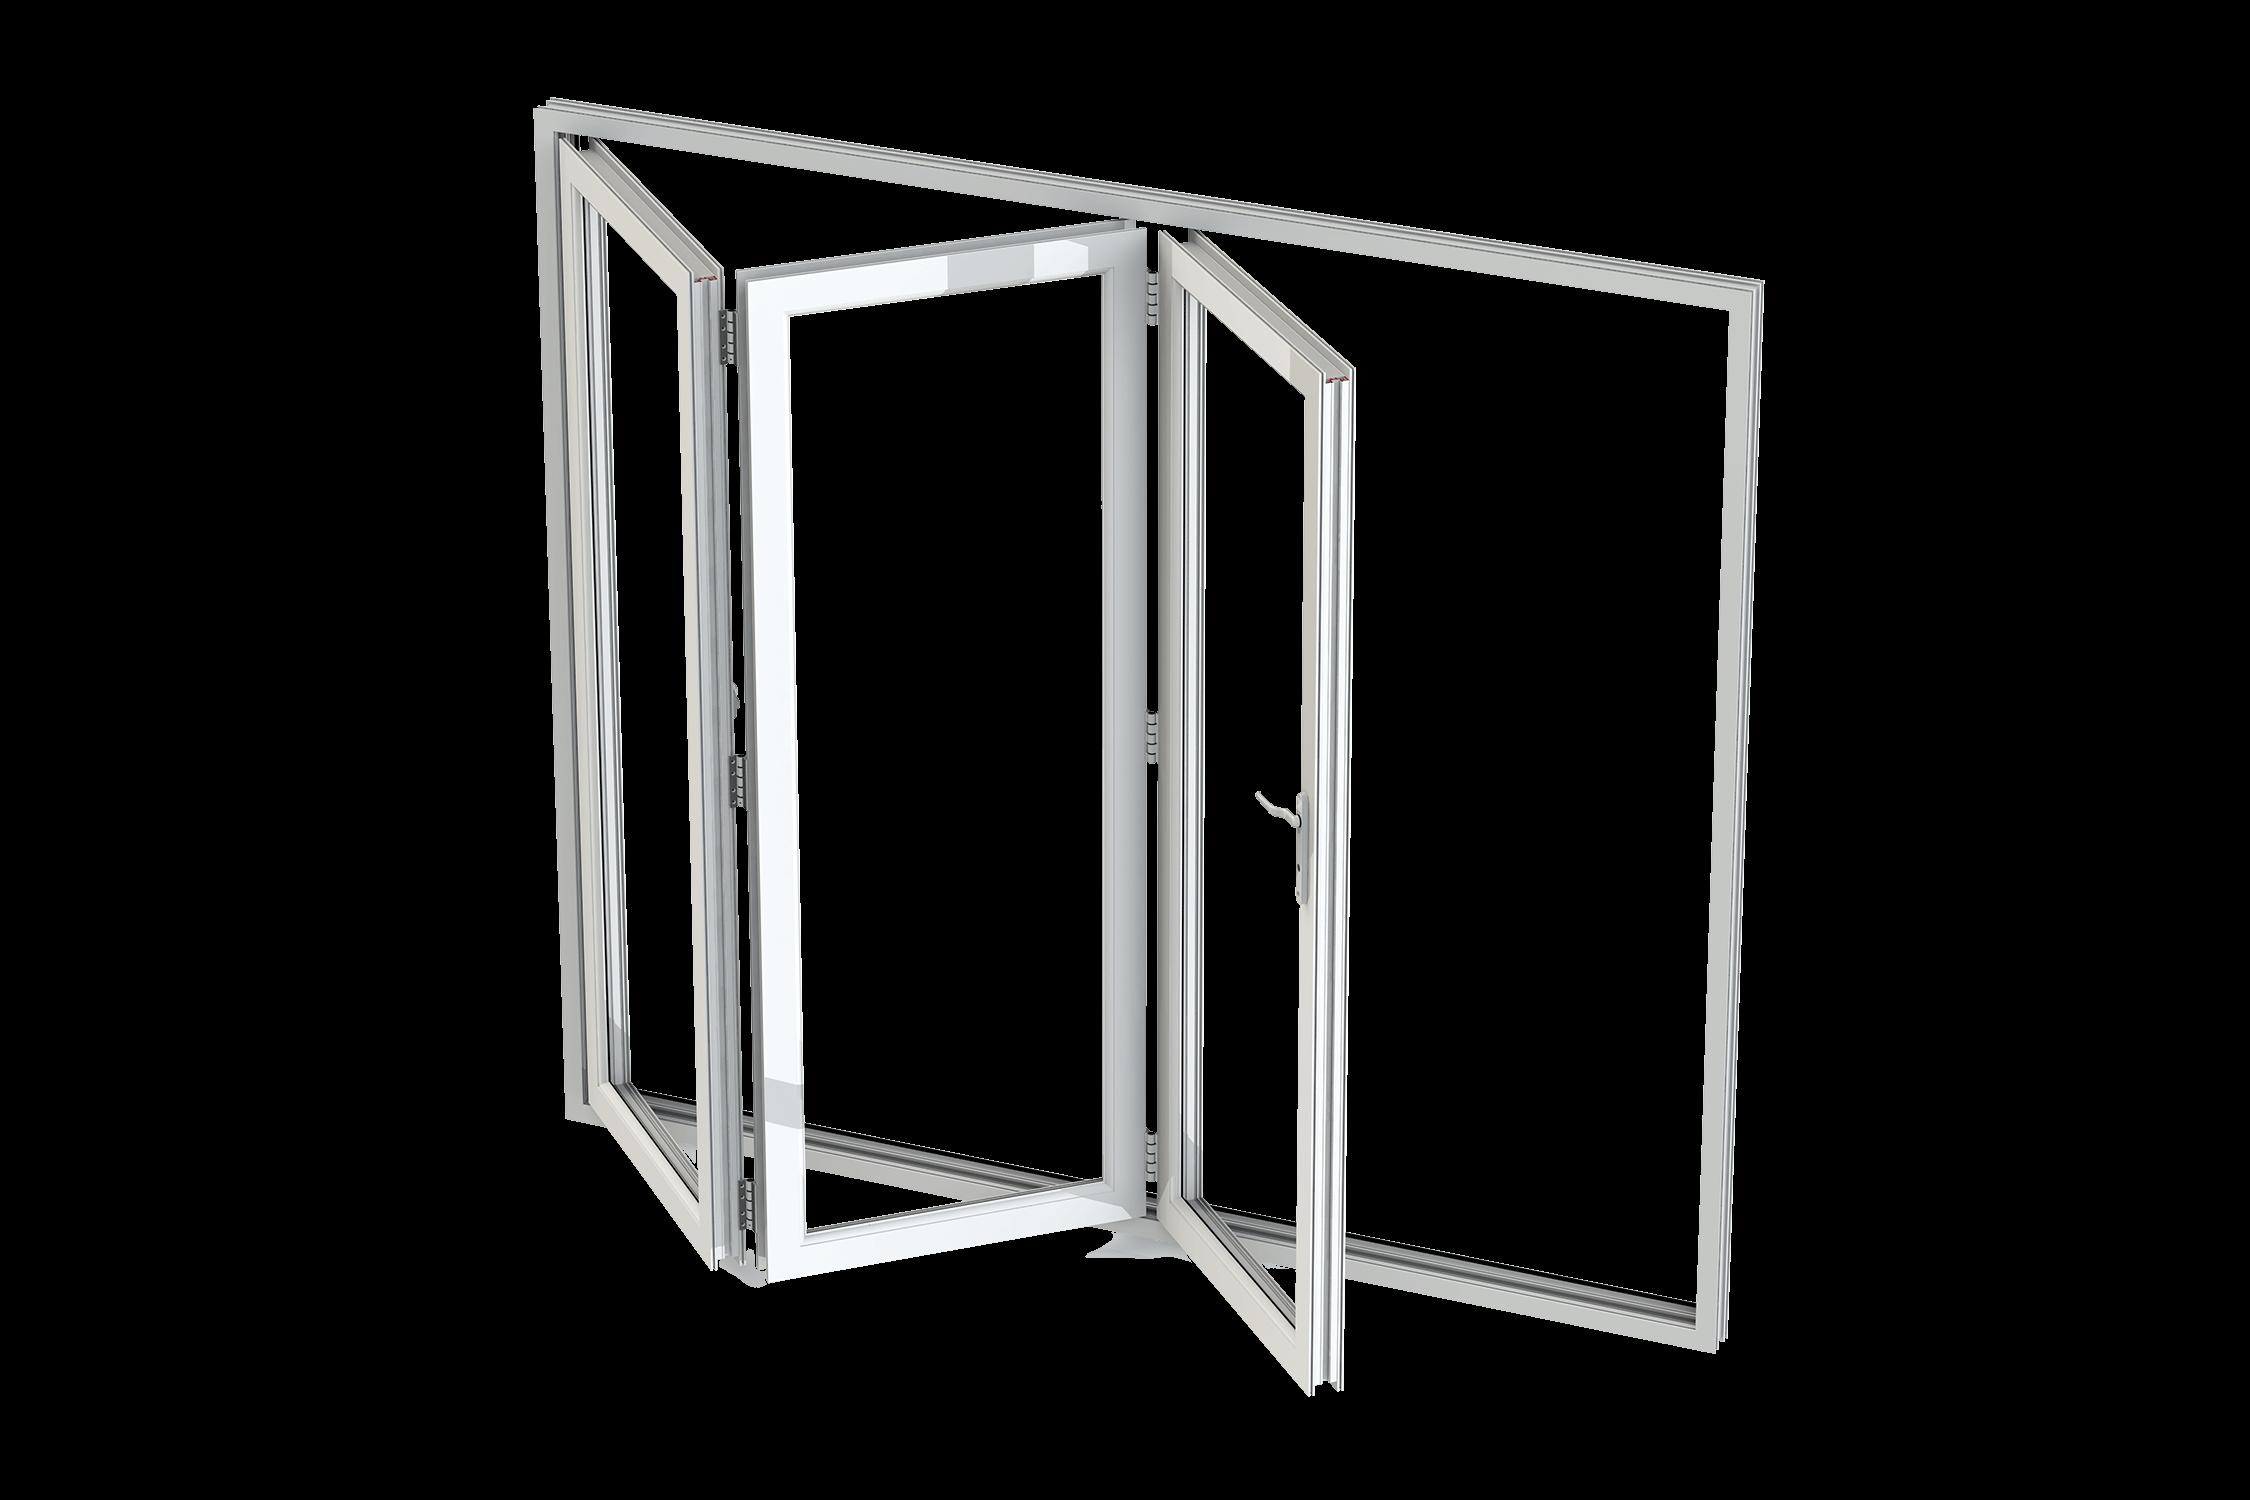 clip royalty free download Sierra pacific patio doors. Vector door sketch